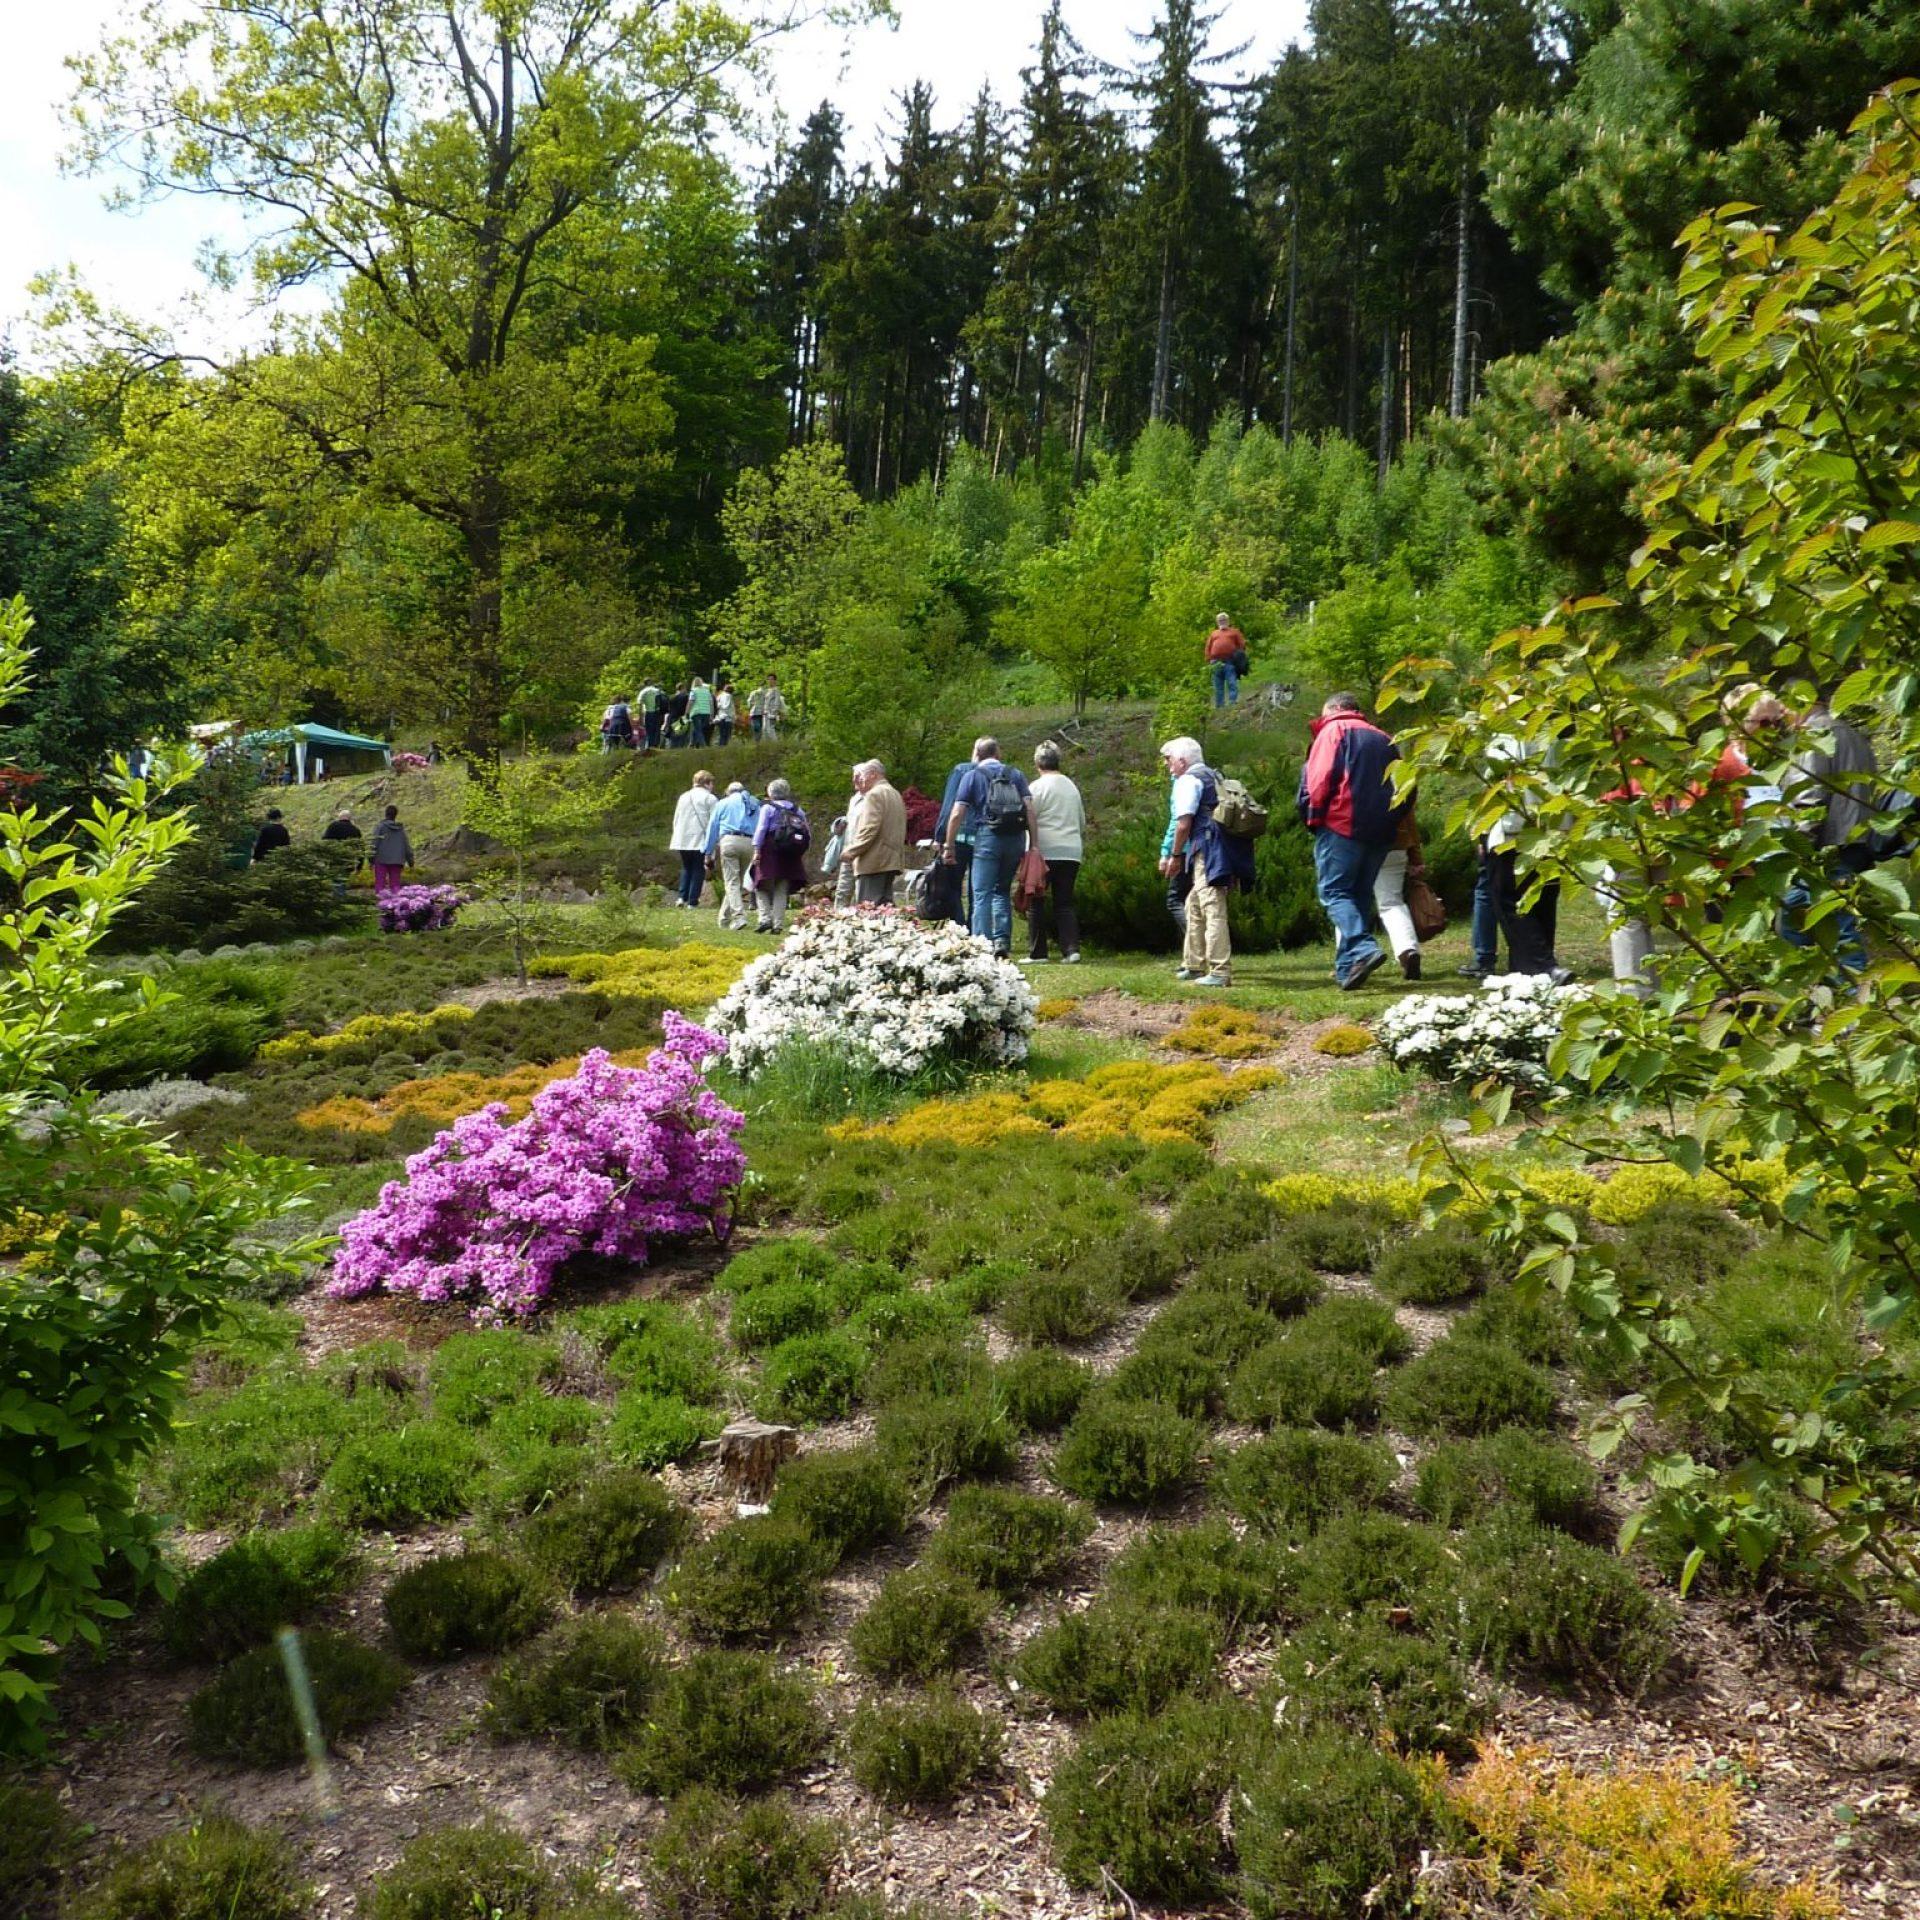 Forstbotanischer Garten in Wasungen